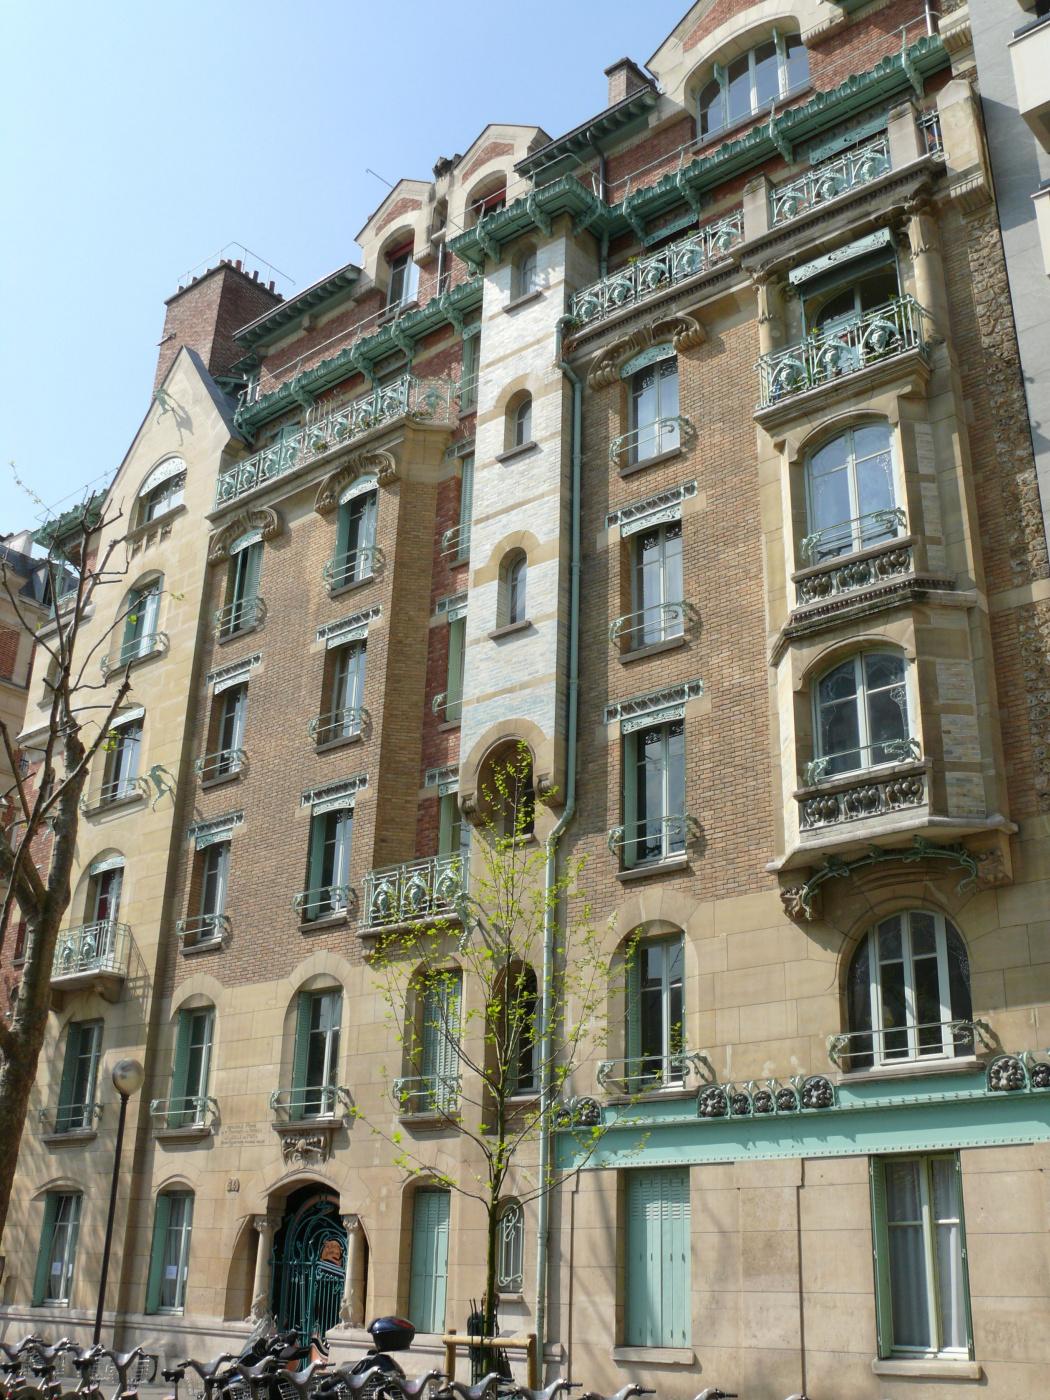 Hector Guimard. Castel Beranger, Paris